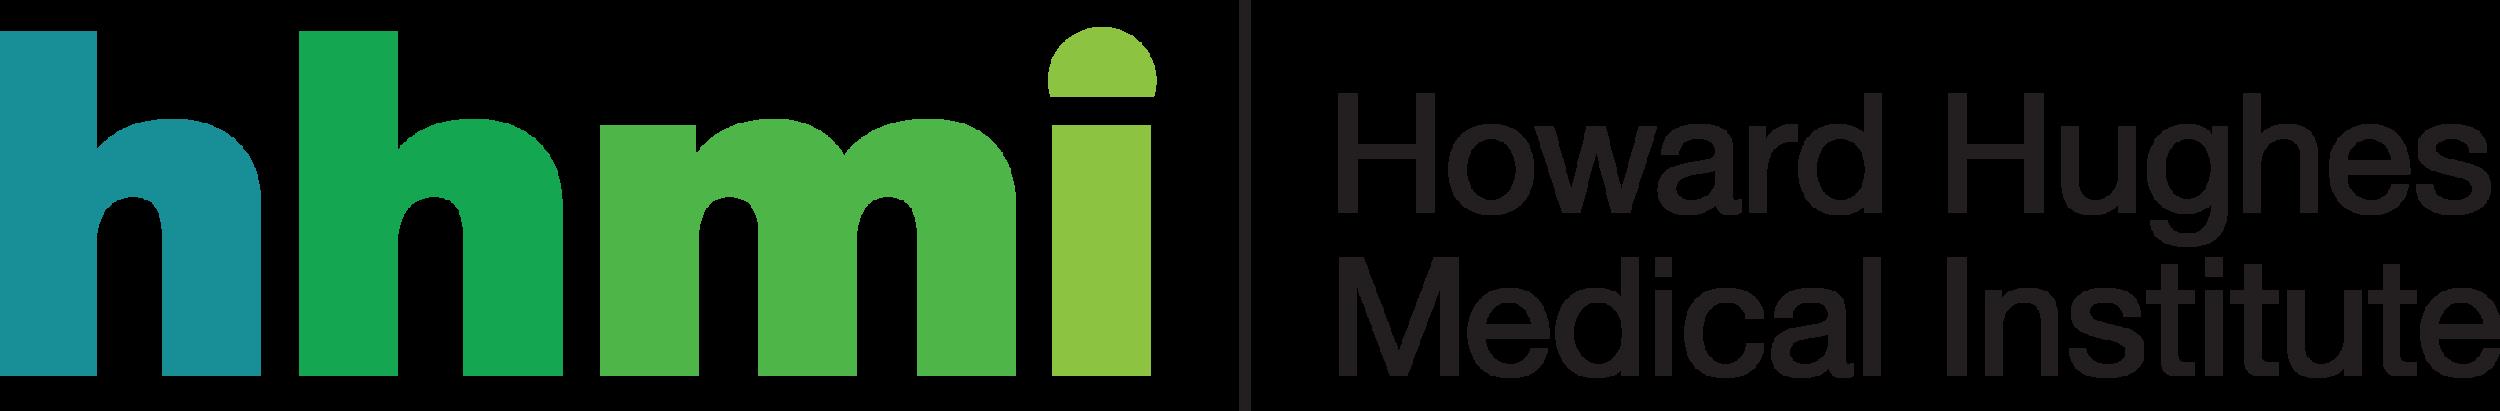 hhmi_full_logo-01.png